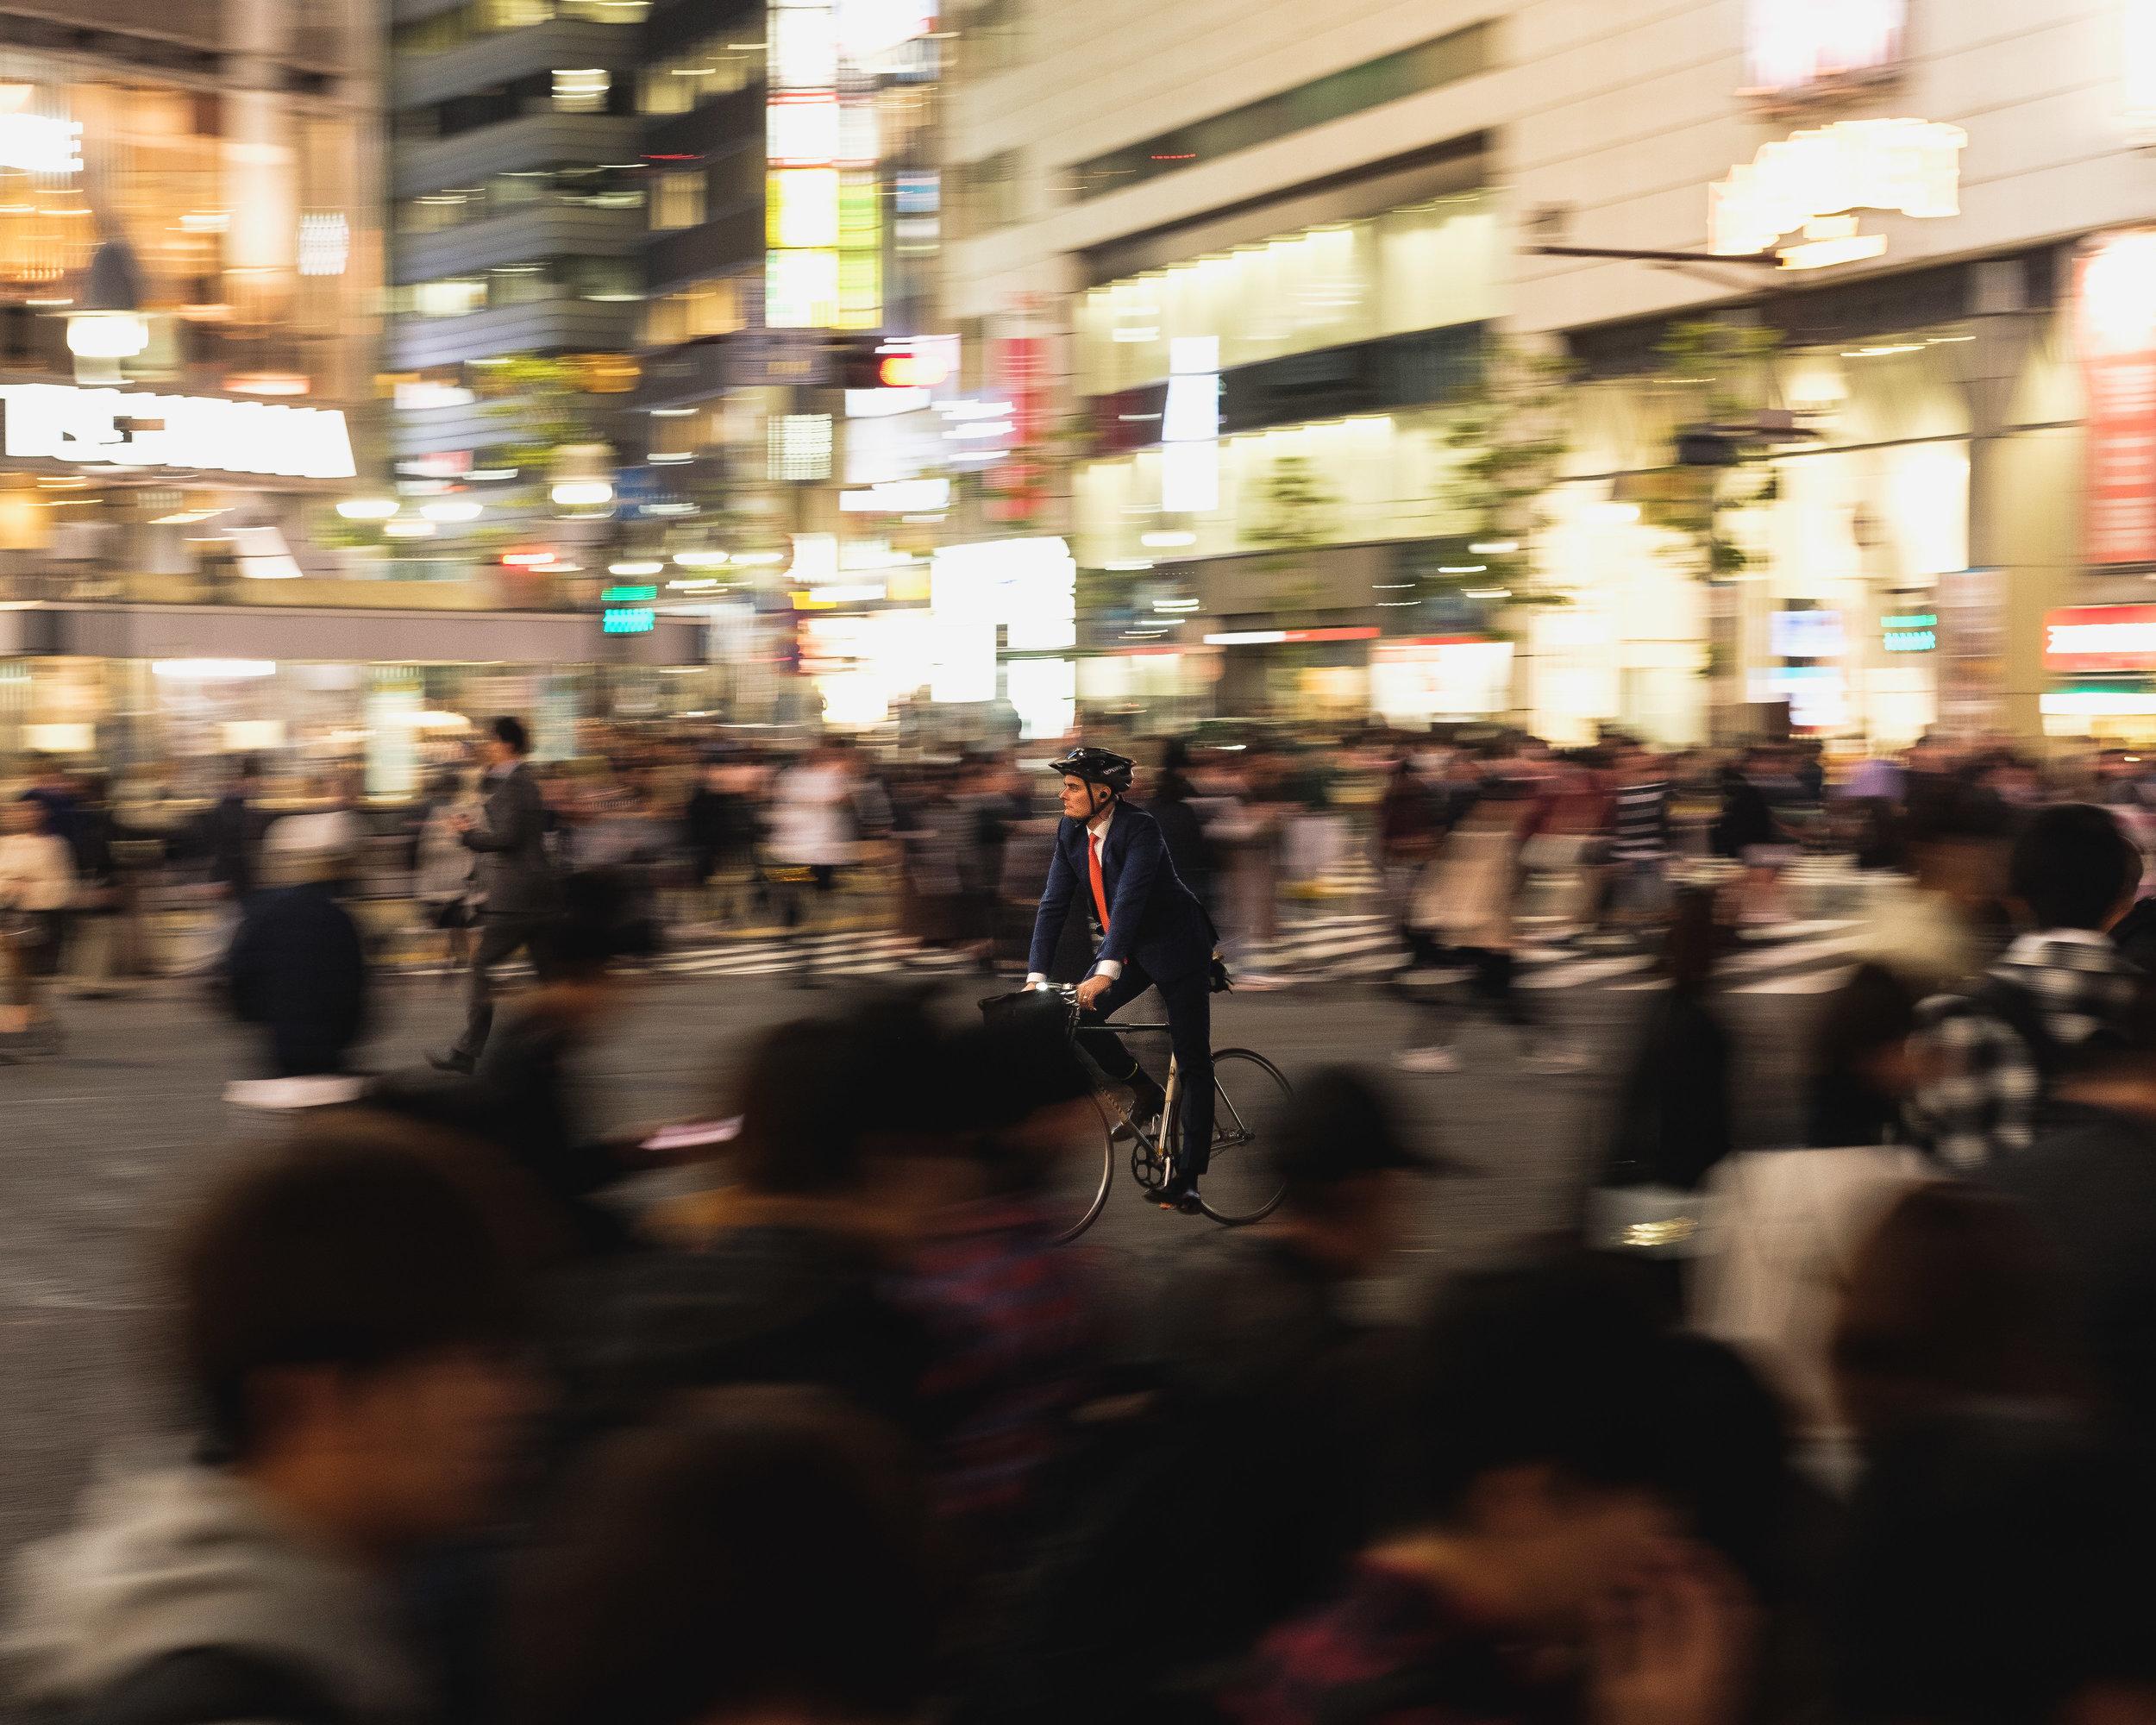 Bicycling through Shinjuku